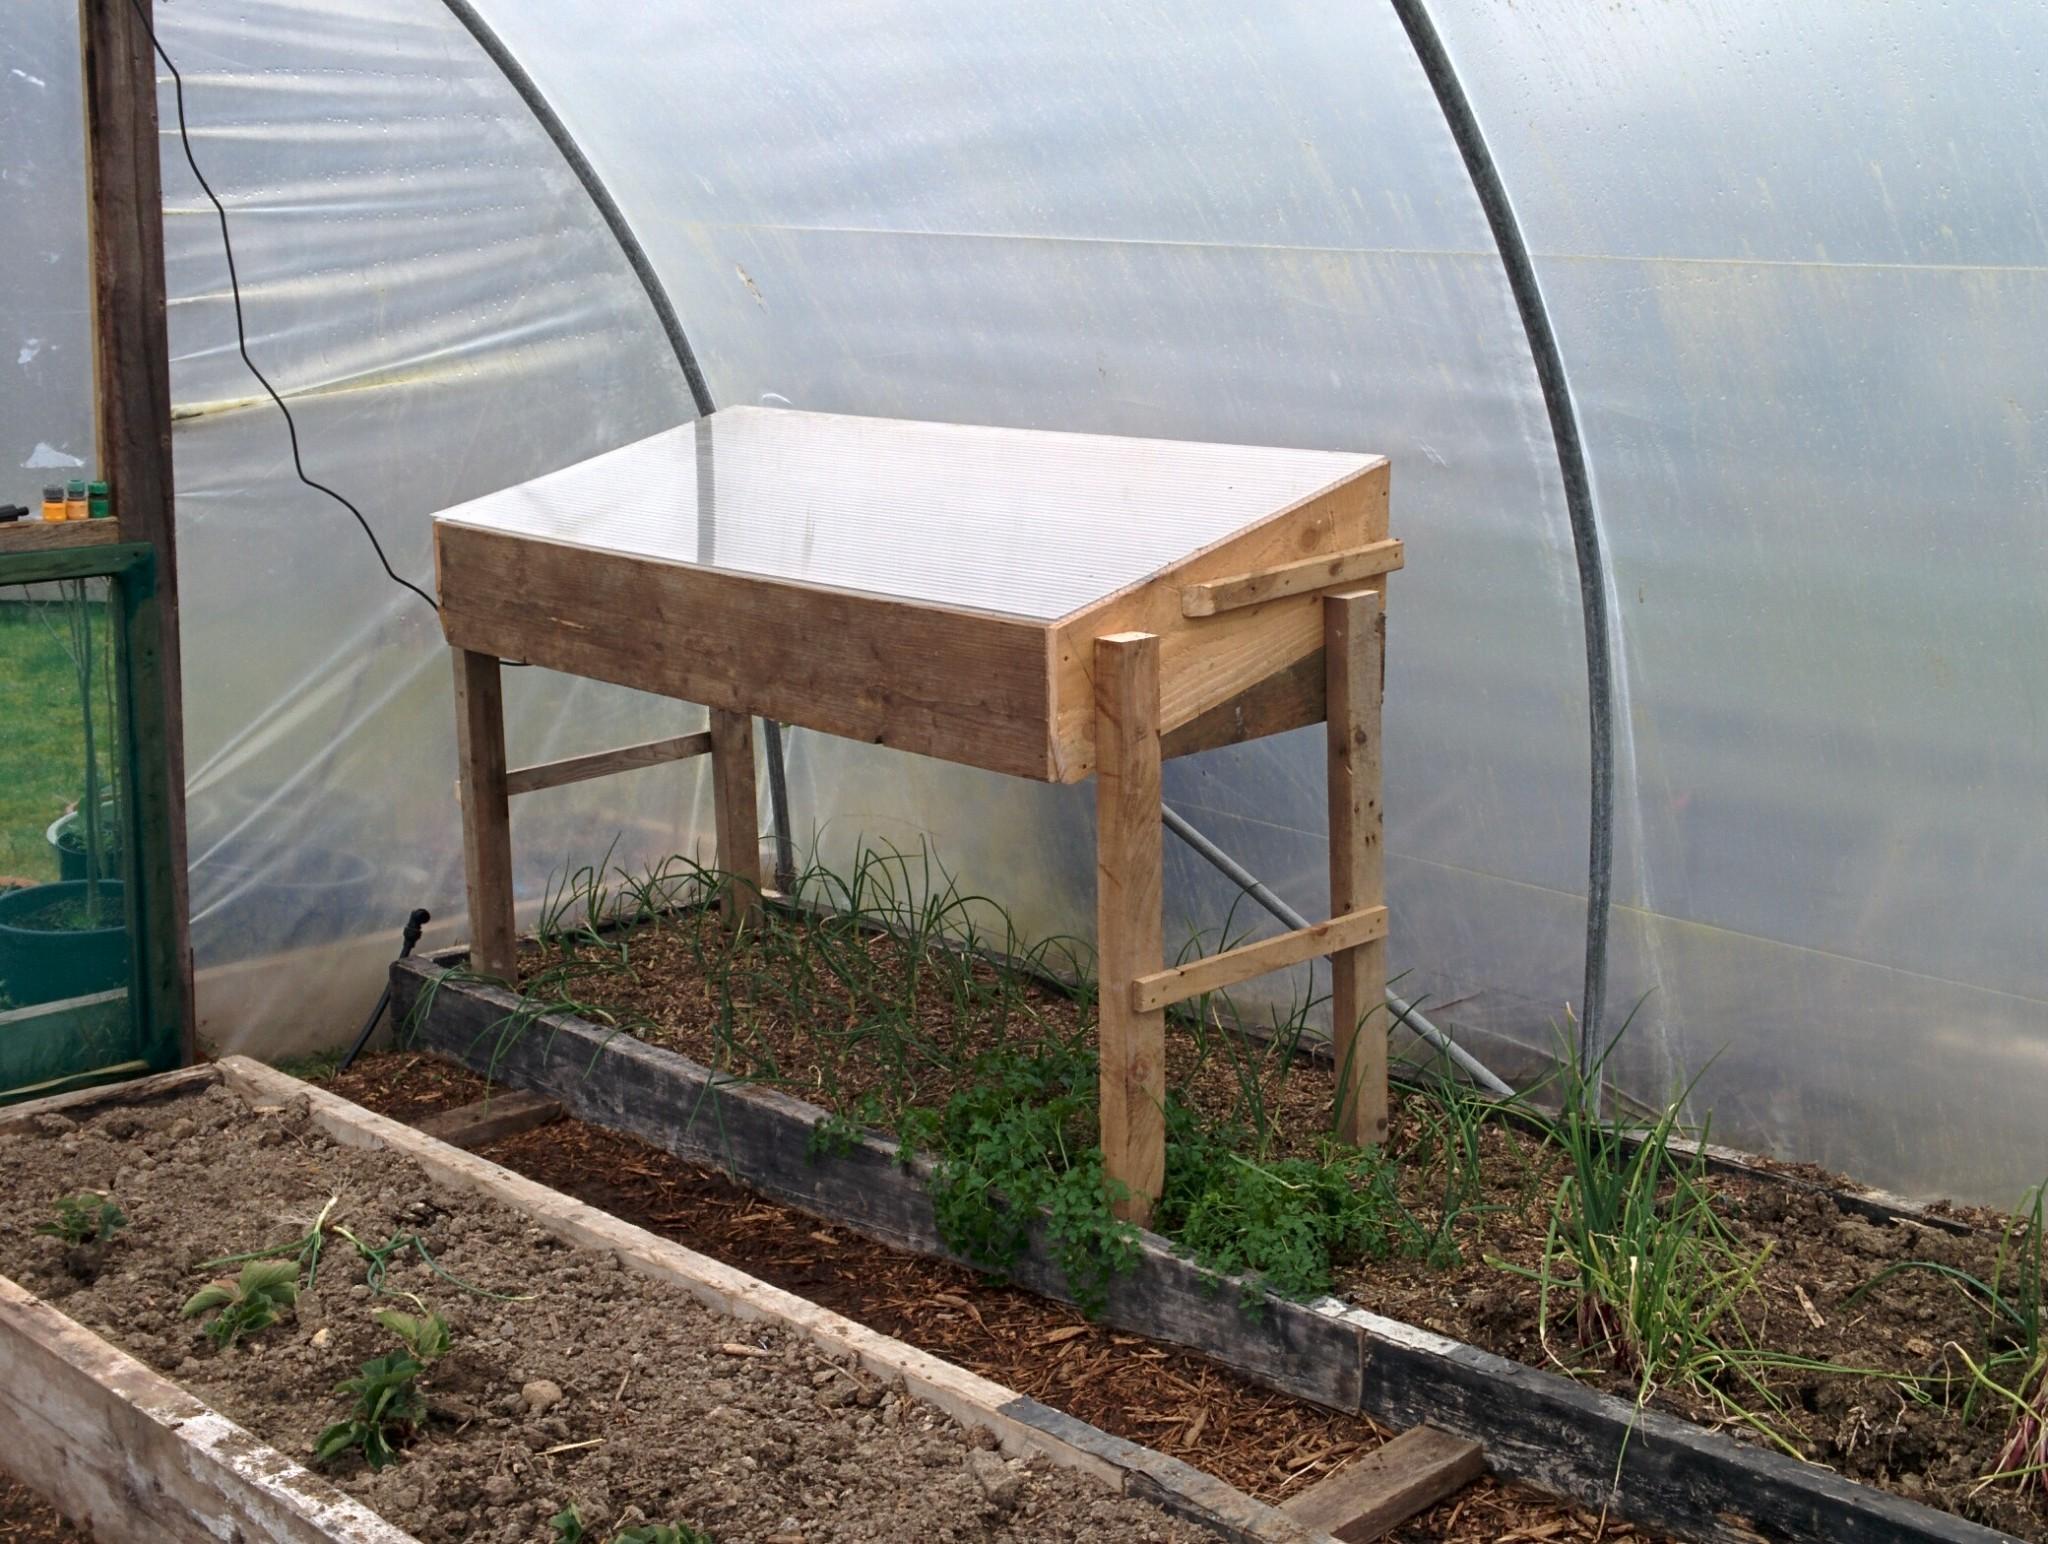 New Seed Propagator